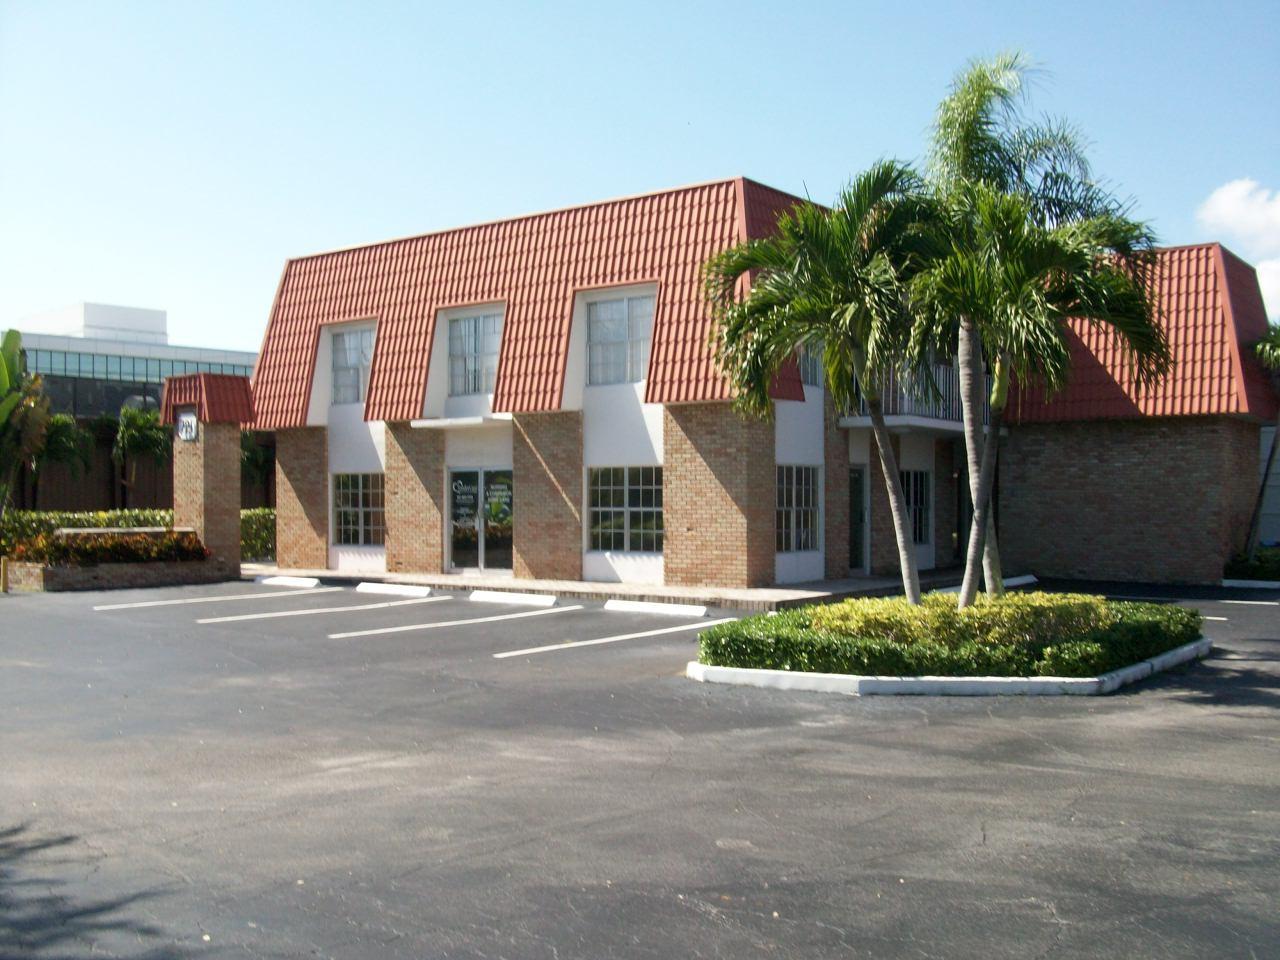 721 Us Hwy 1 Unit 101-103, North Palm Beach, Florida 33408